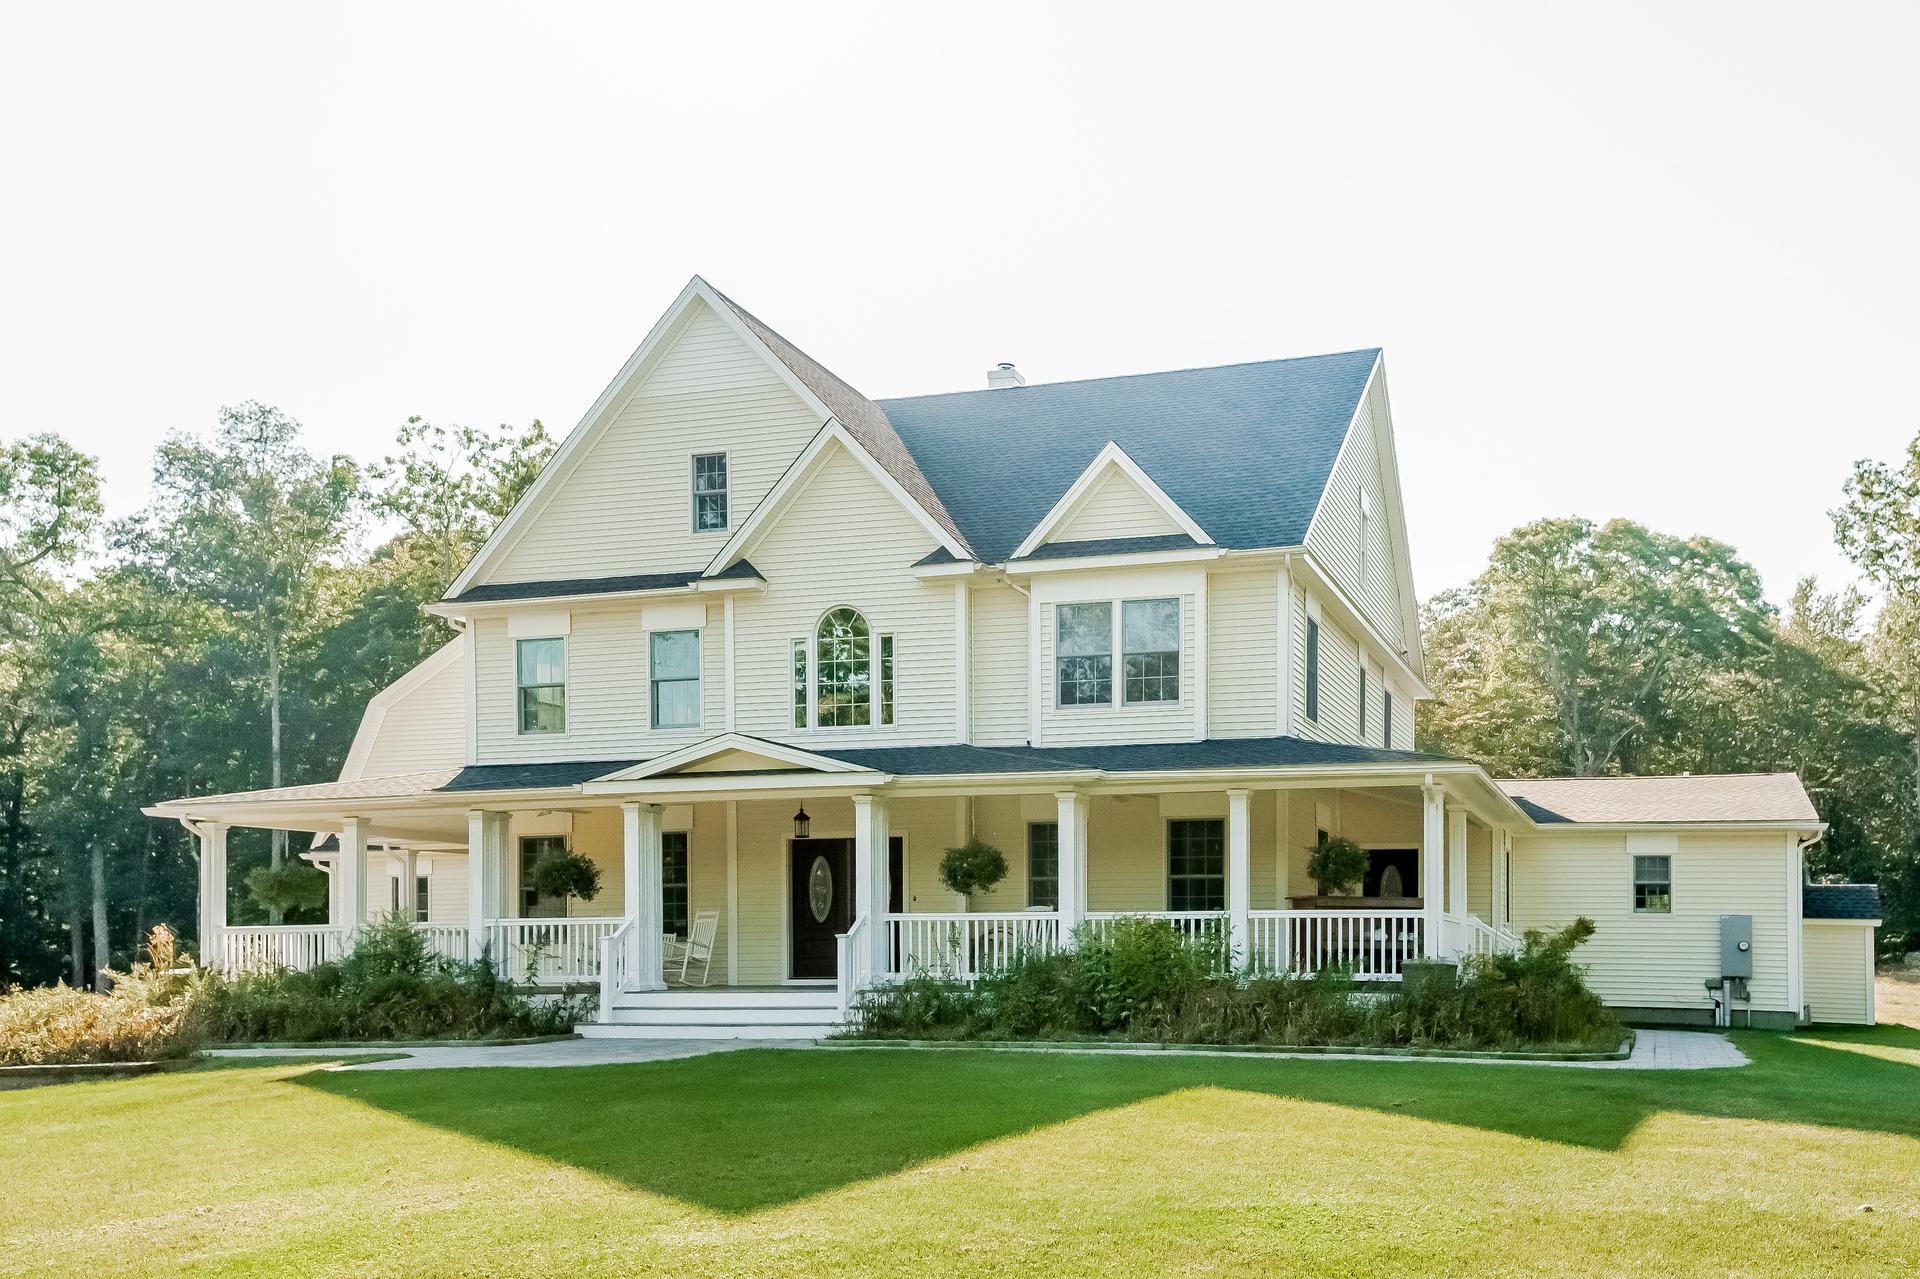 Einfamilienhaus für Verkauf beim 41 Charles Mary Drive Haddam, Connecticut 06441 Vereinigte Staaten